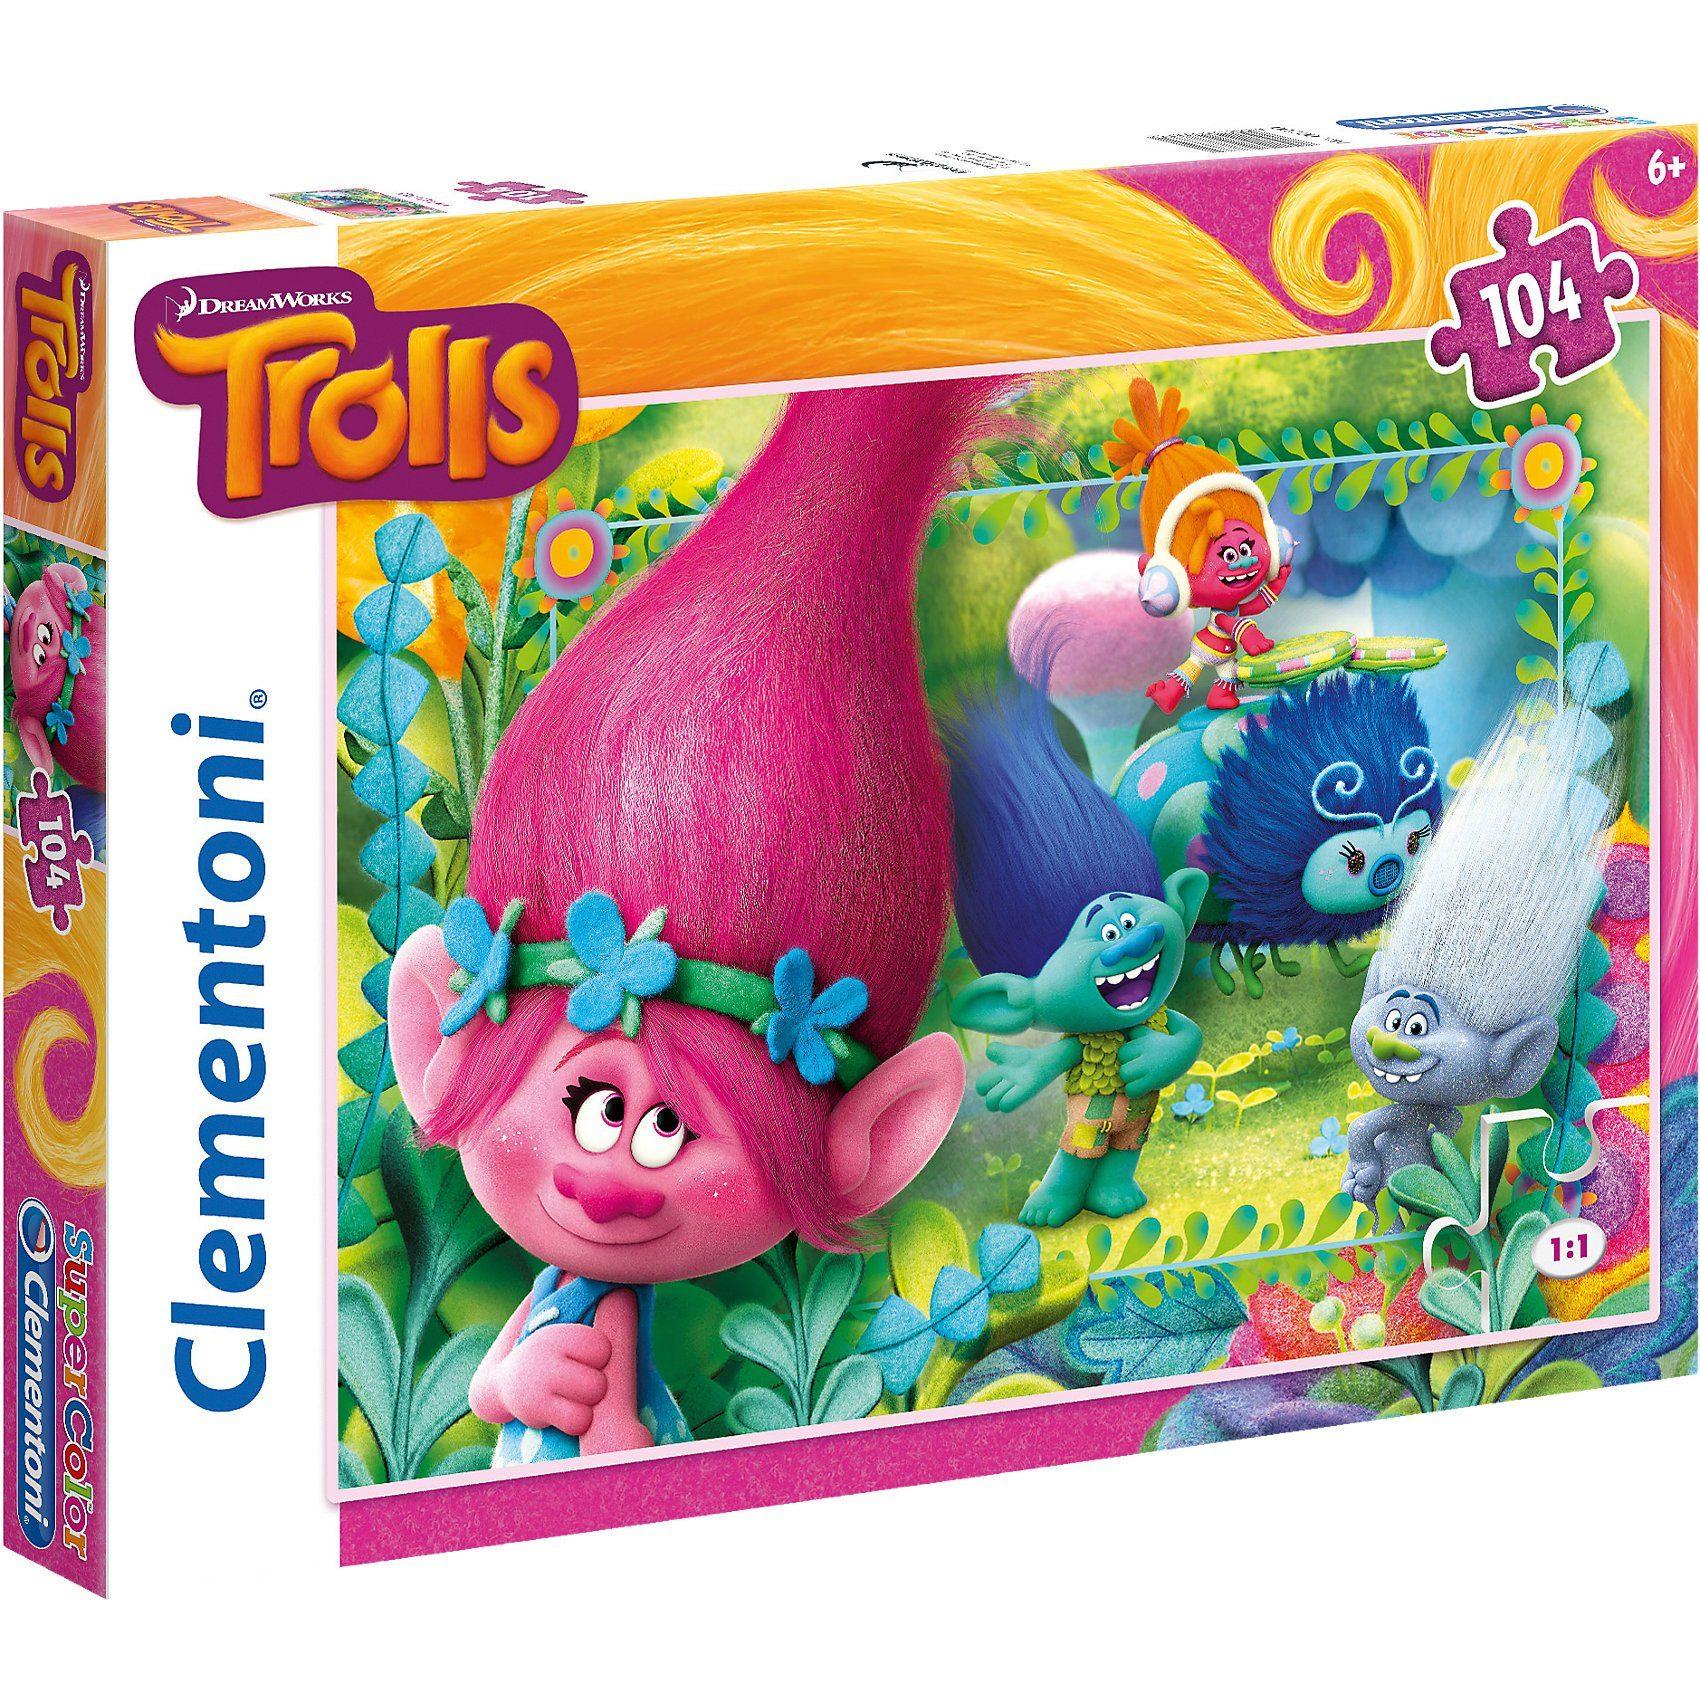 Clementoni® Puzzle 104 Teile - Trolls